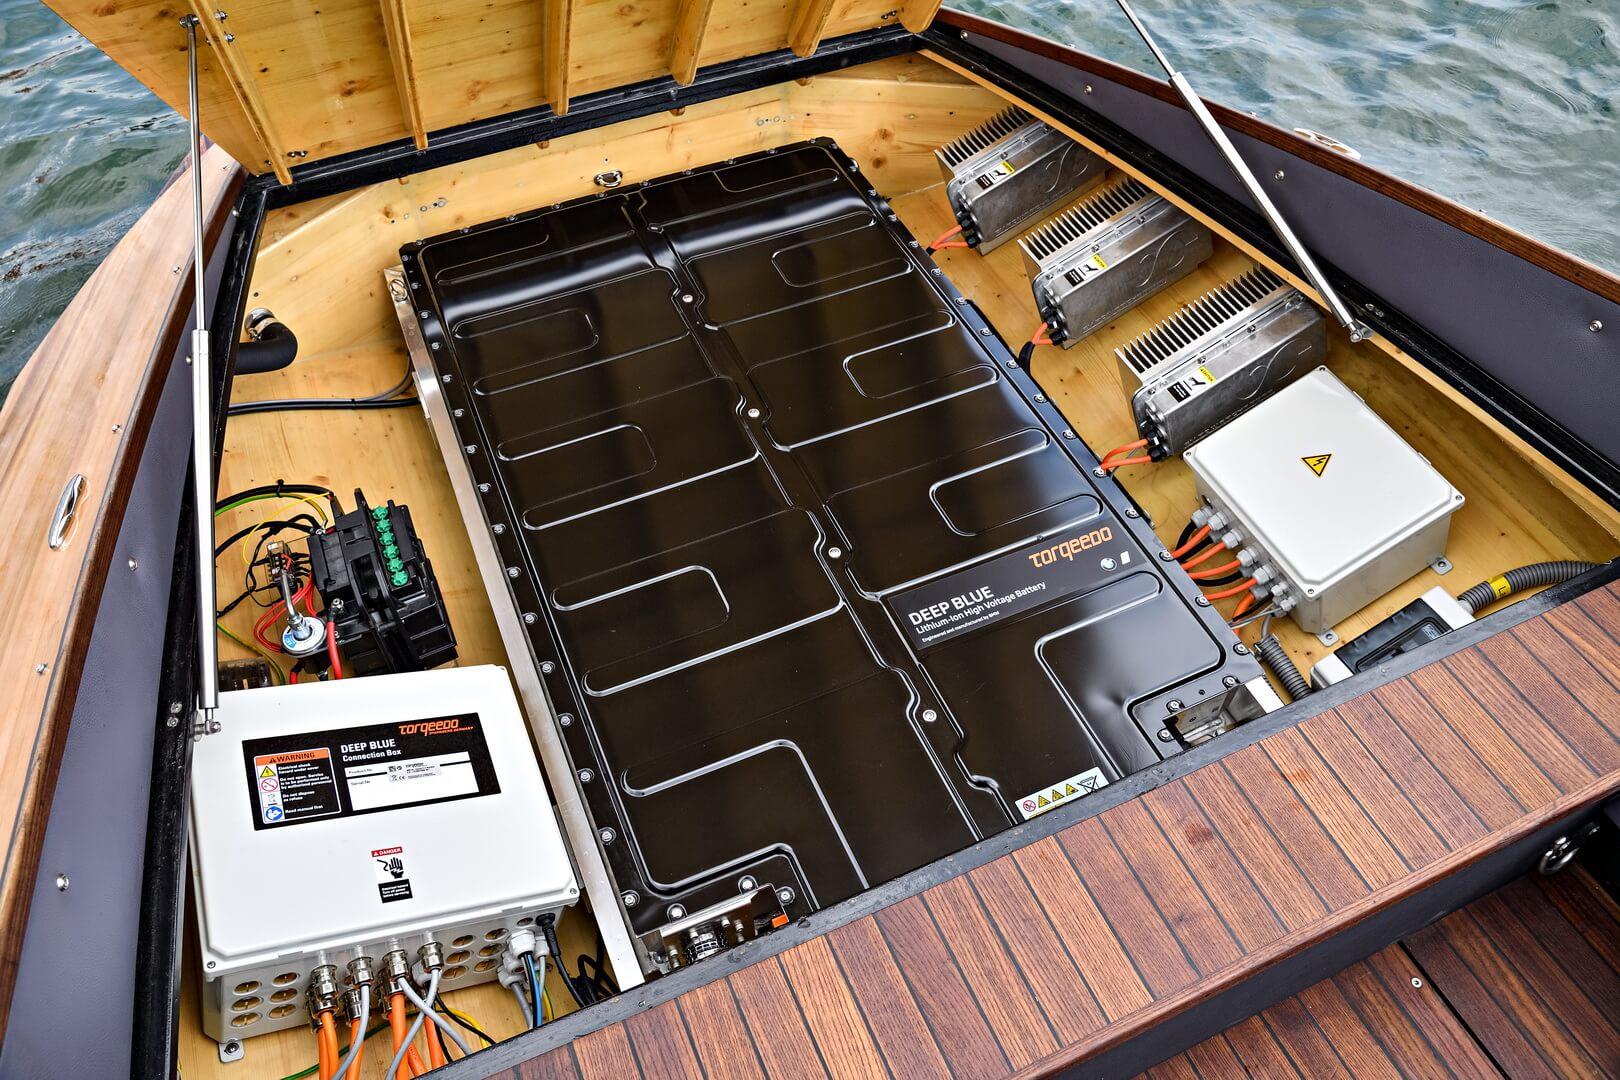 Батарейный модуль BMW i3 в лодках Torqeedo